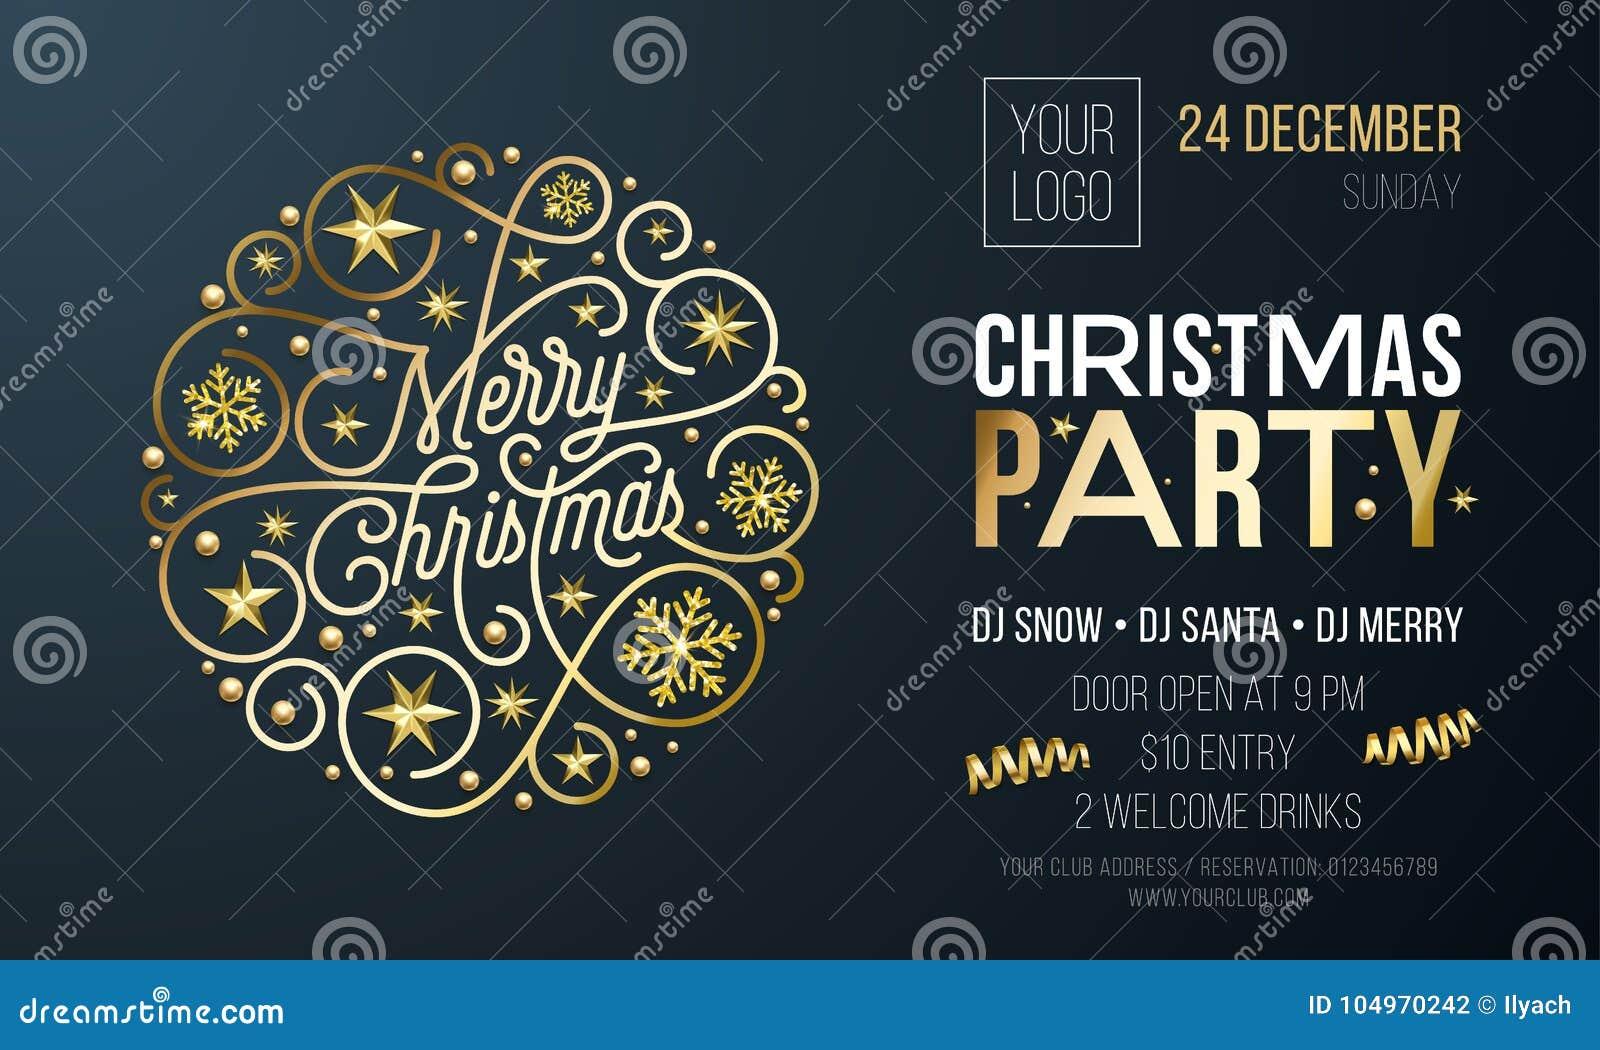 Tarjeta de la invitación de la fiesta de Navidad o cartel de la decoración de oro del Año Nuevo para la plantilla del diseño del